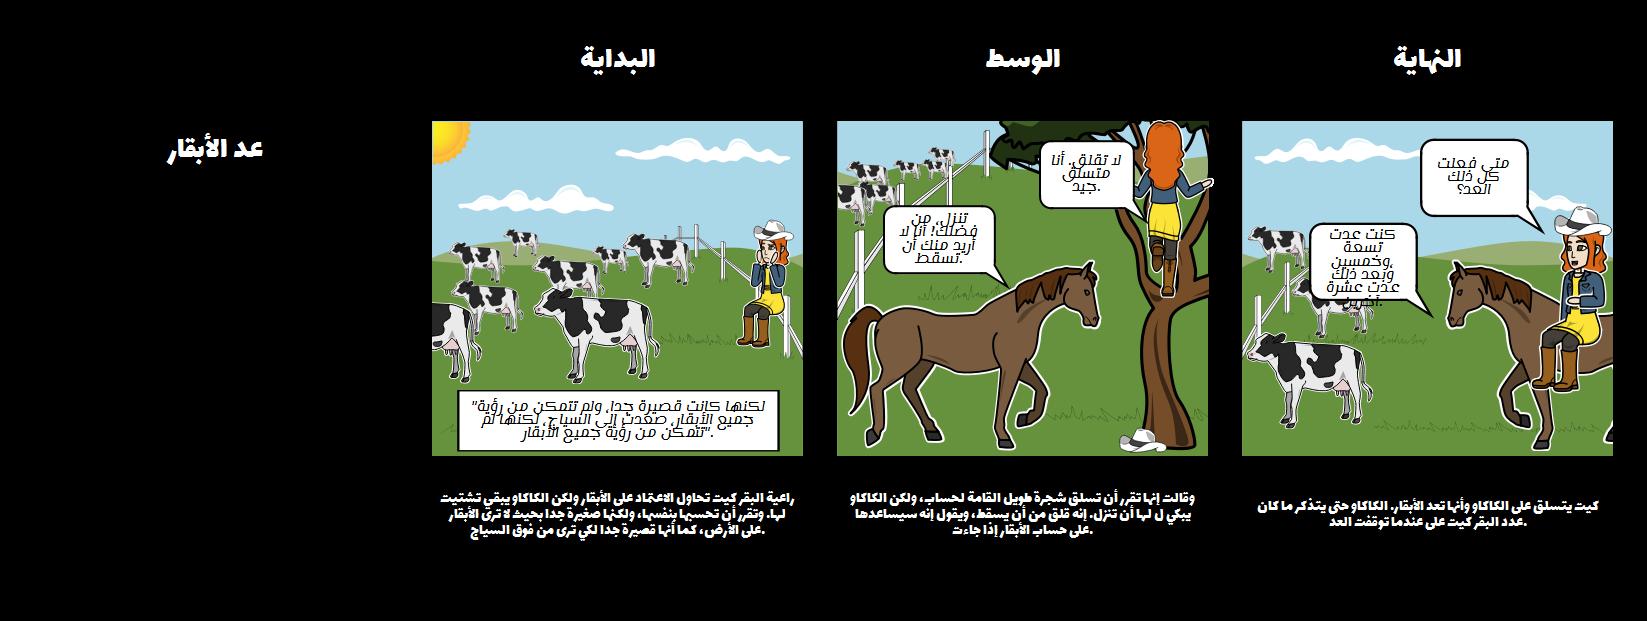 راعية البقر كيت والكاكاو - ملخص